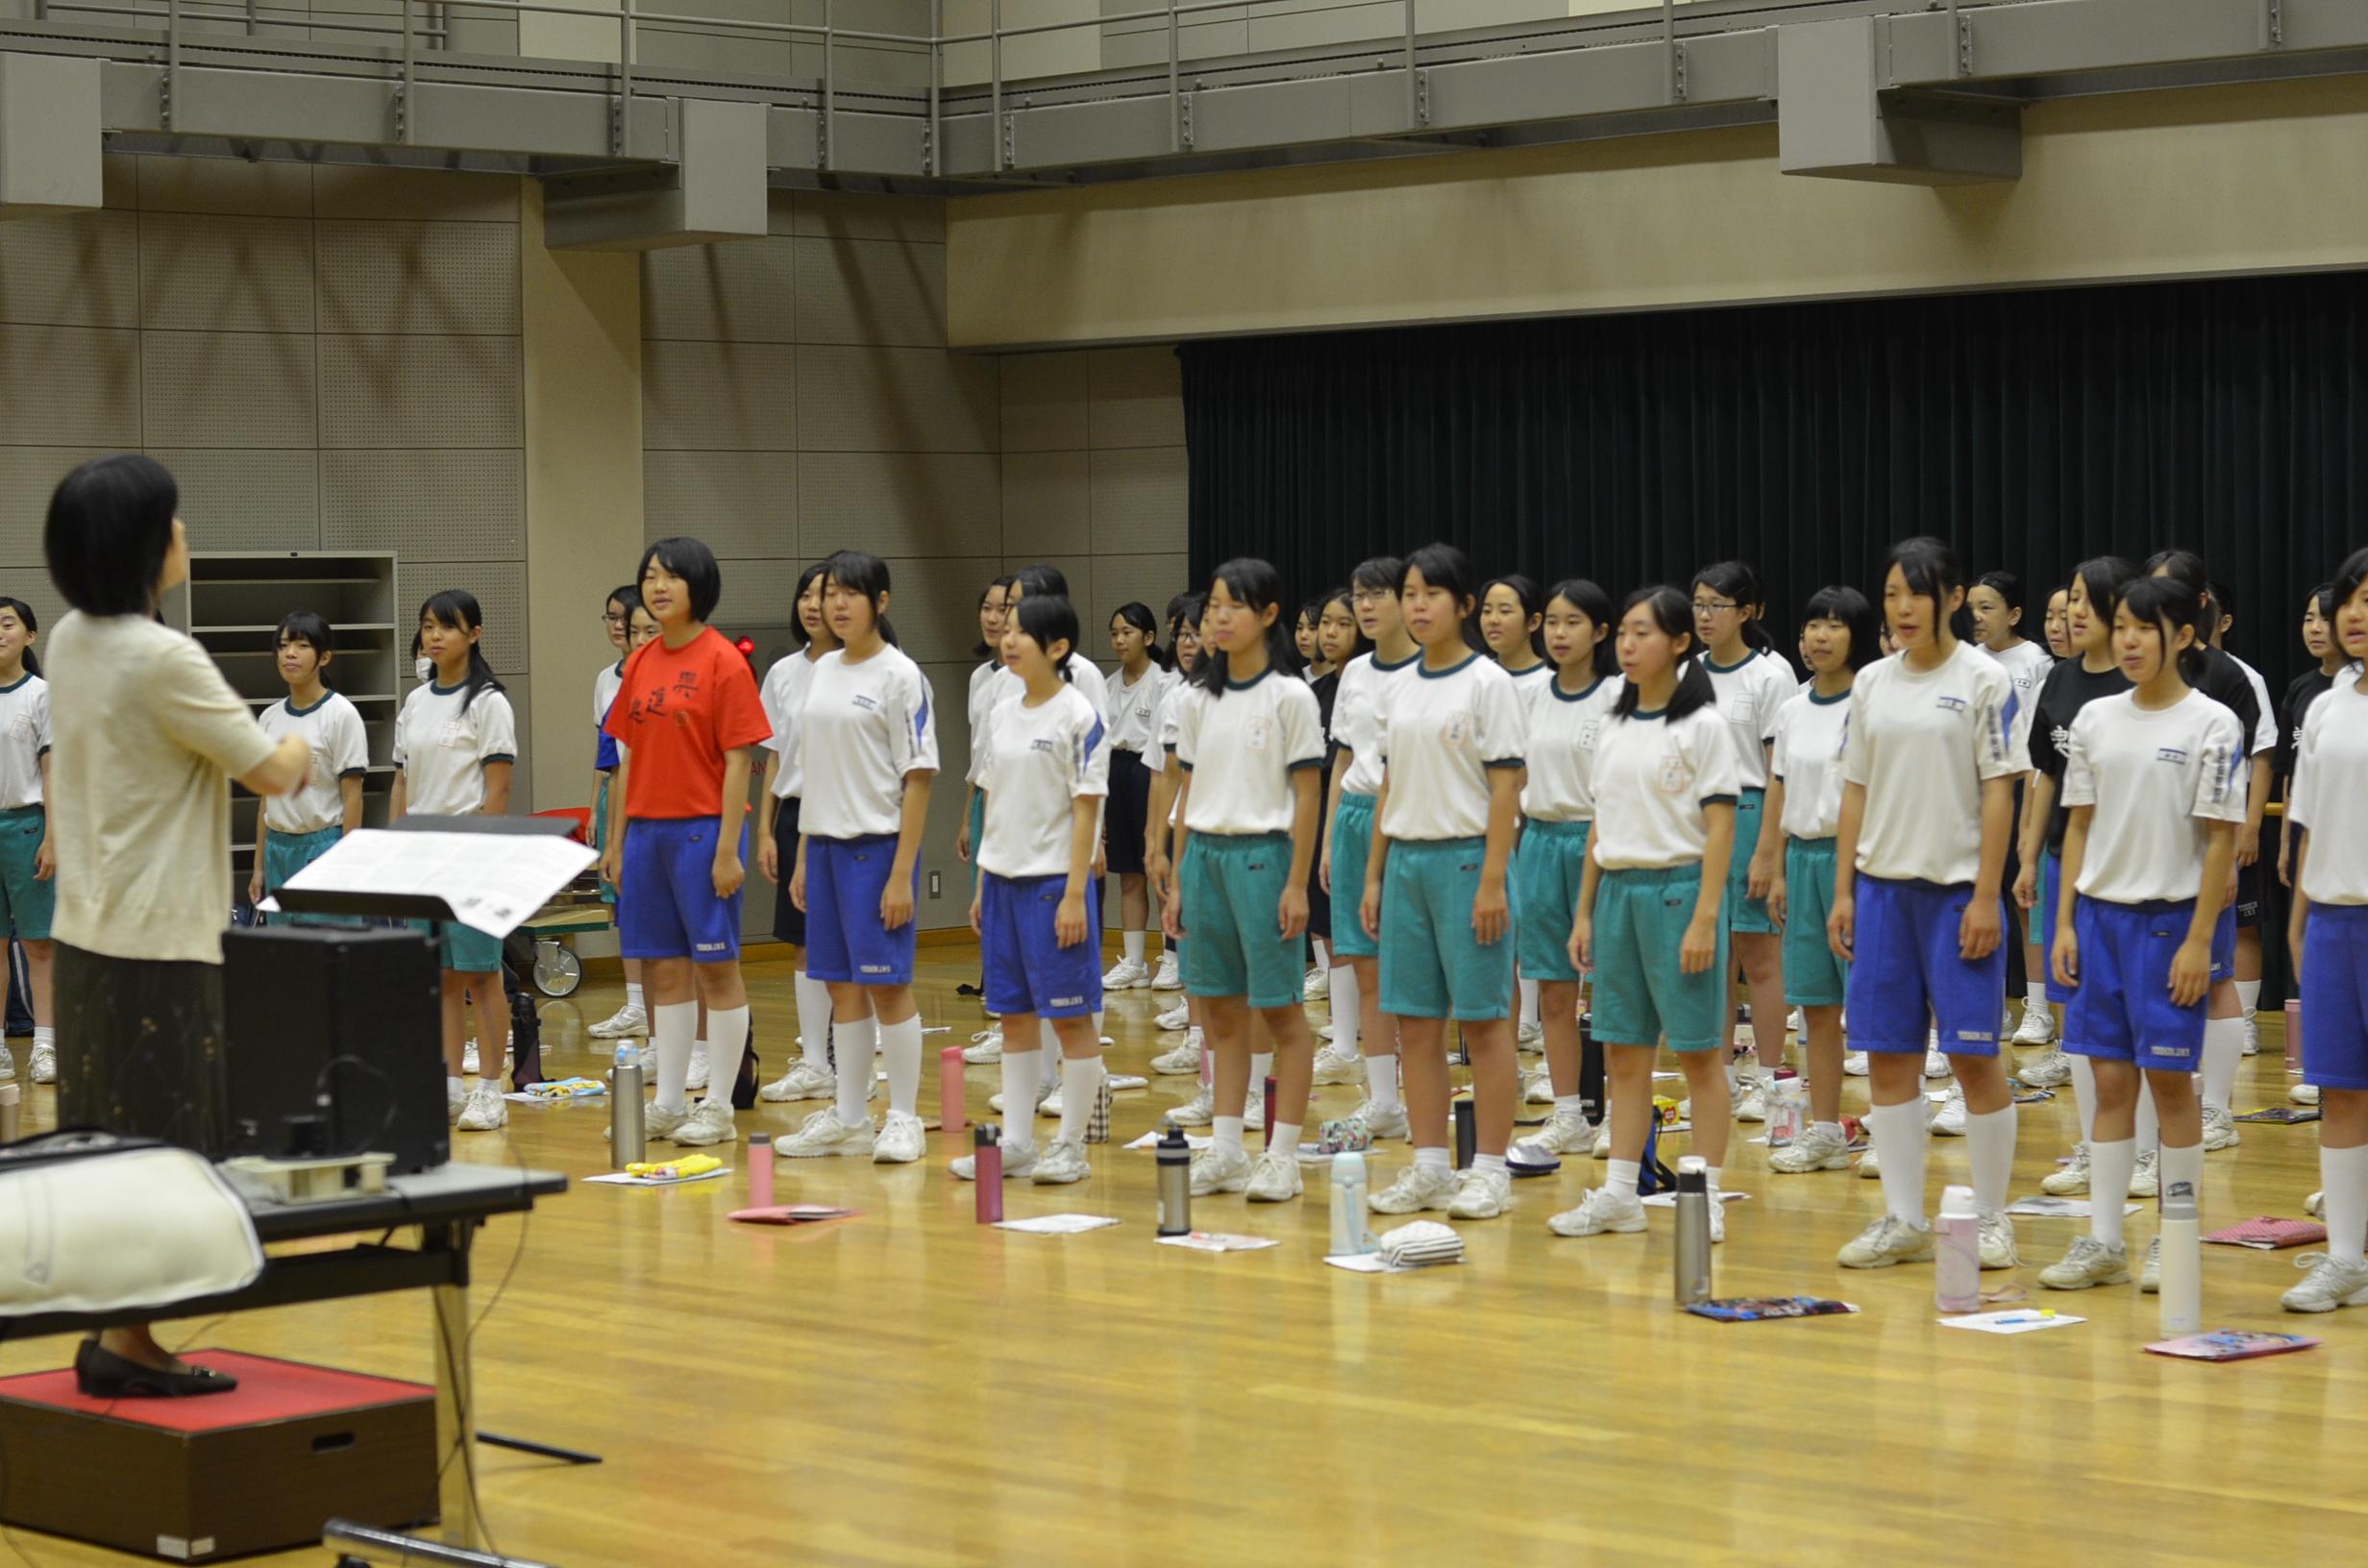 街かどコンサートに小中学校の合唱団が出演いたしました|イベントレポート|浜松市アクトシティ音楽院